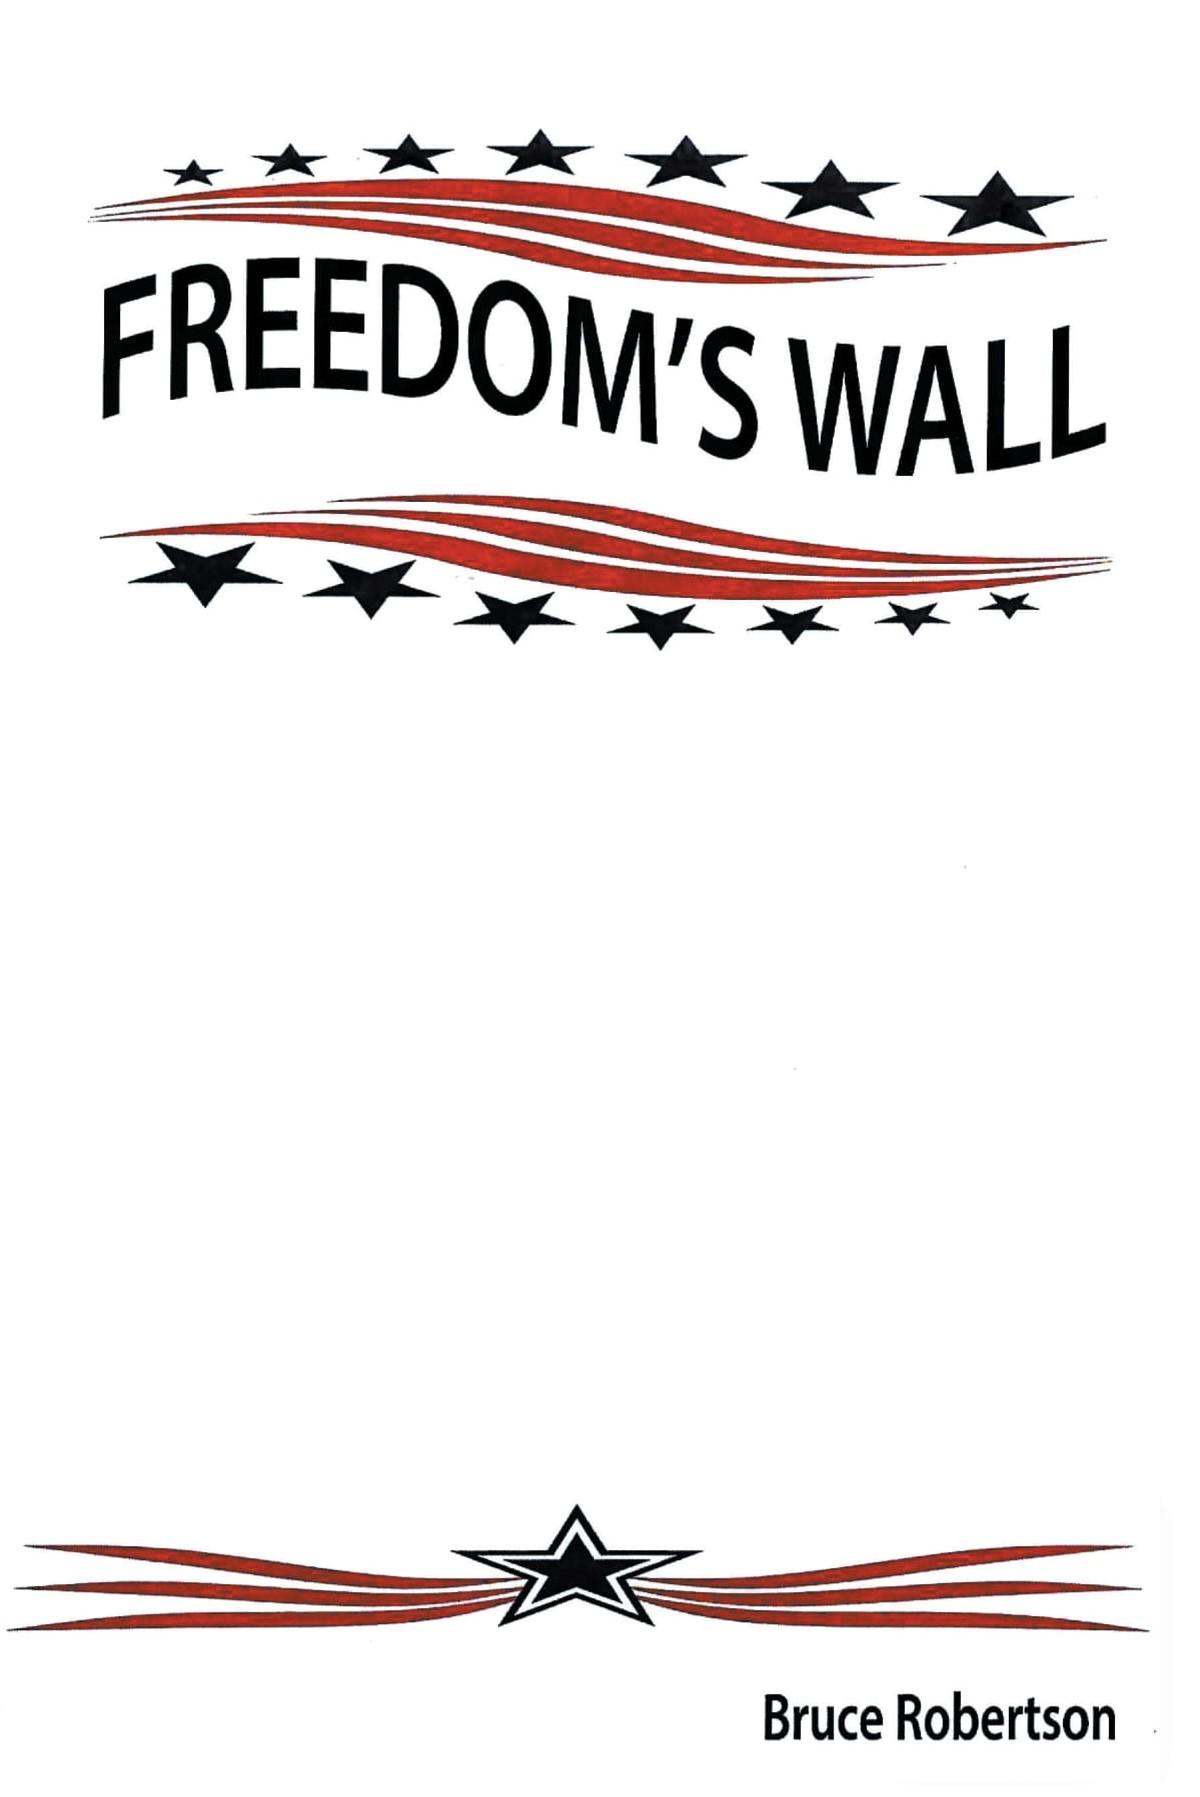 Freedom's